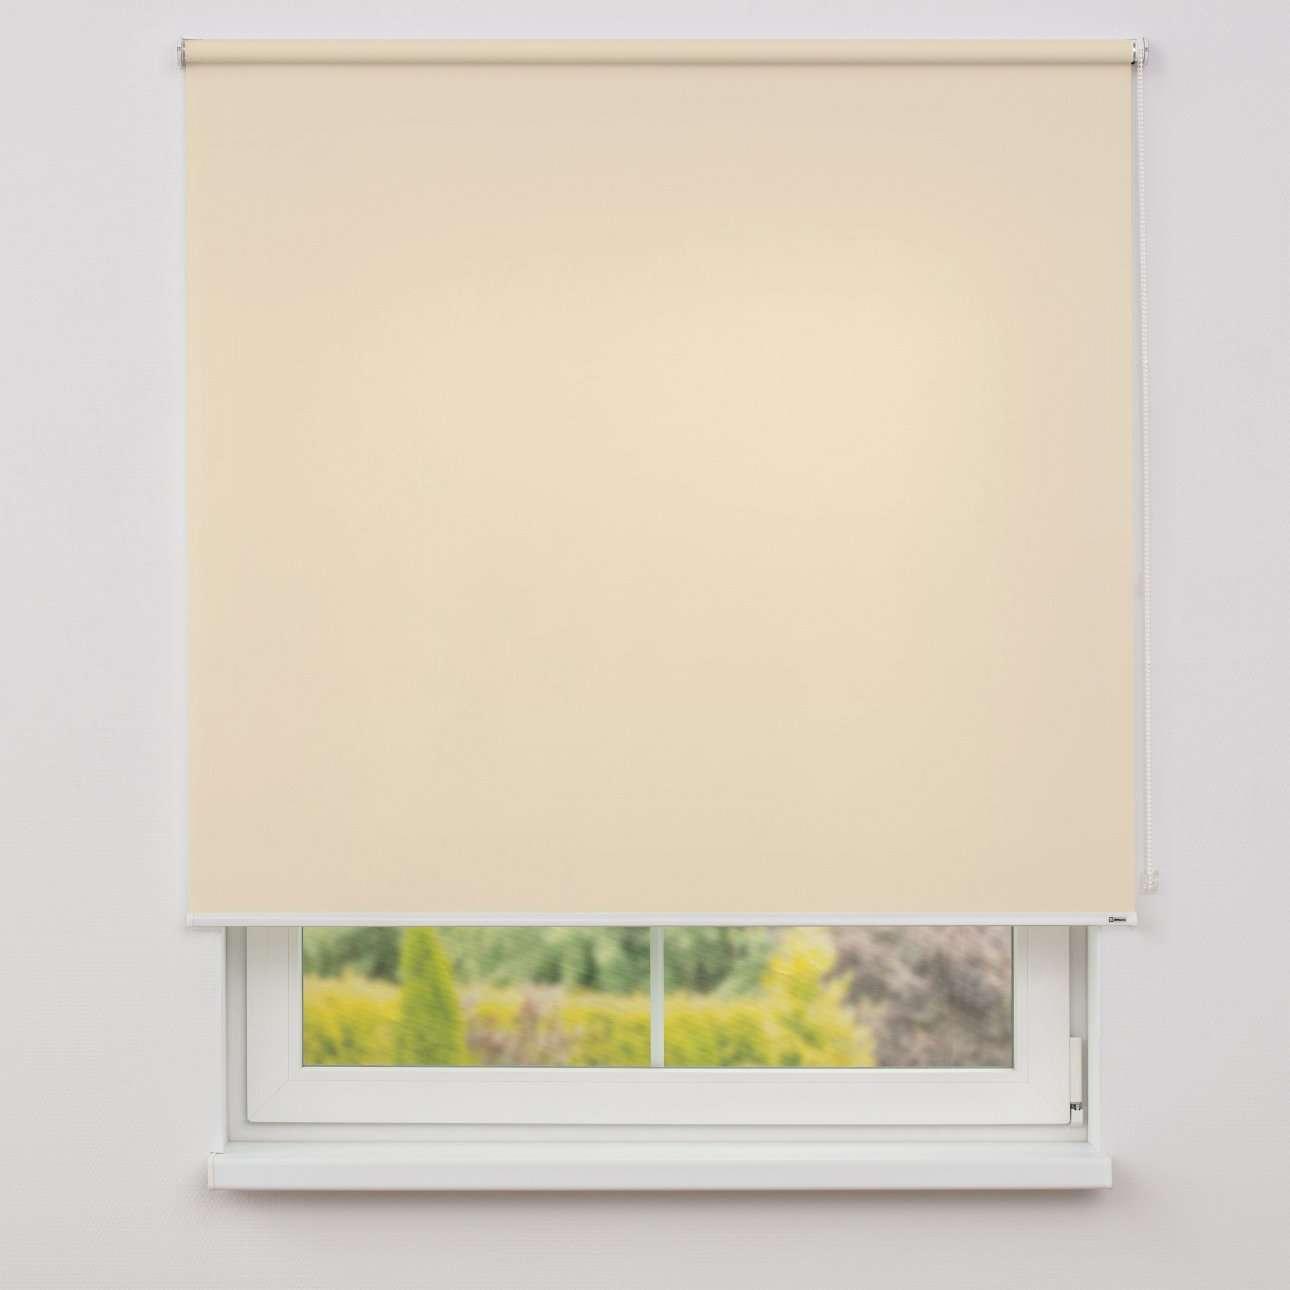 Rullegardiner transparent fra kollektionen Rullegardinstof, Stof: 4996